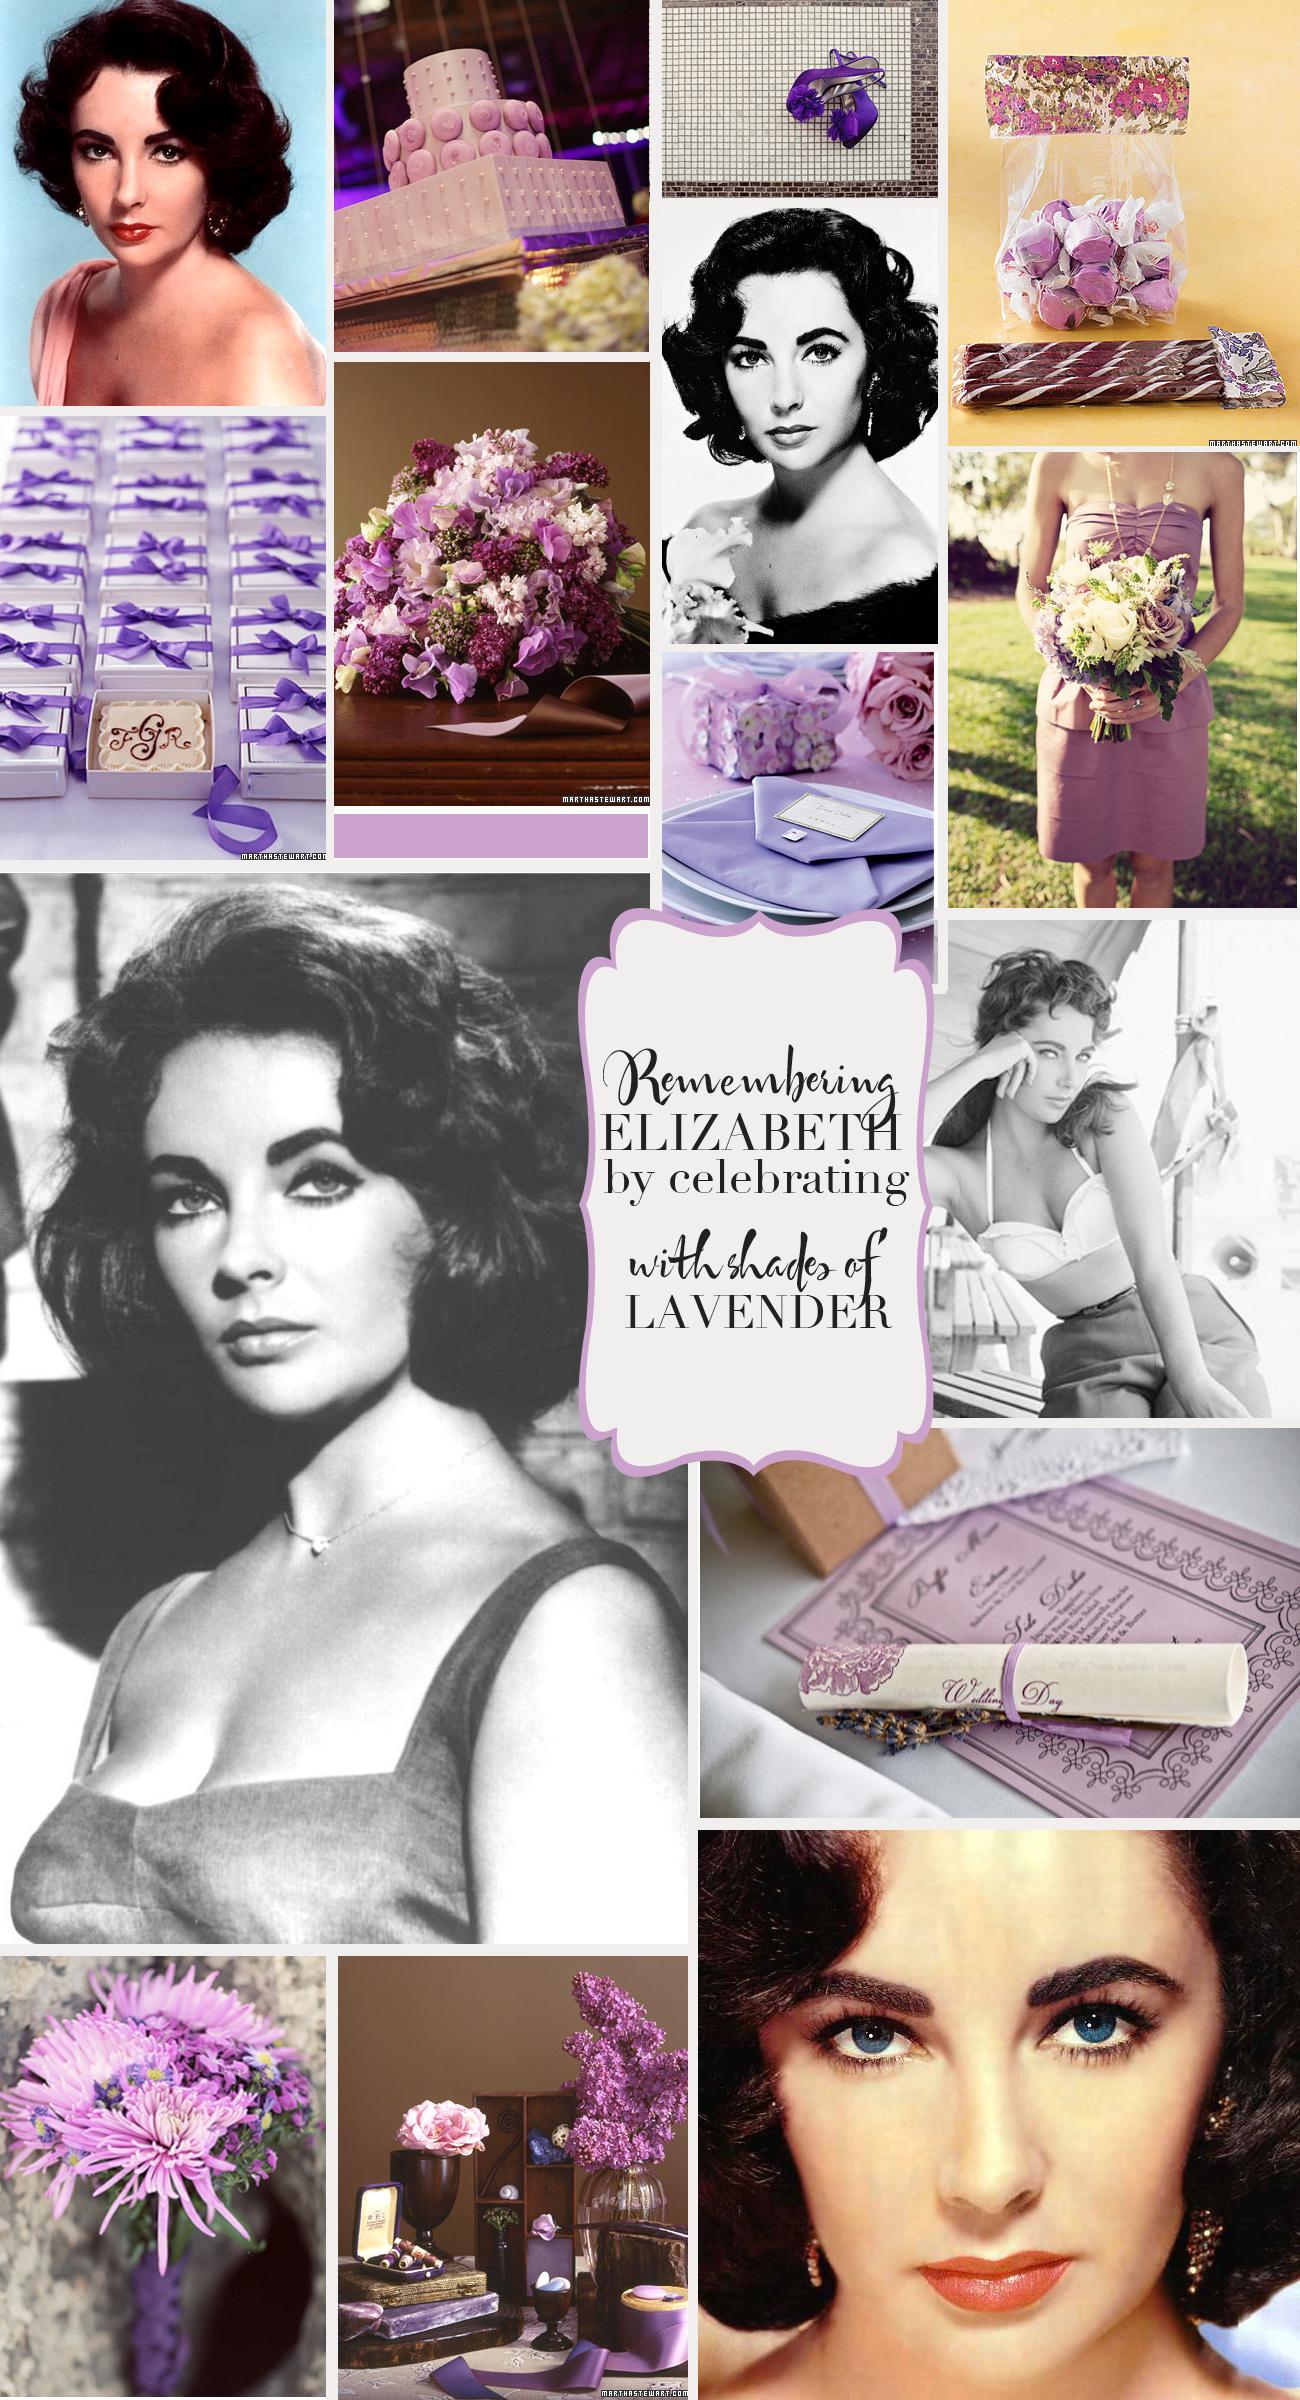 Image detail for -lavender-elizbeth-taylor